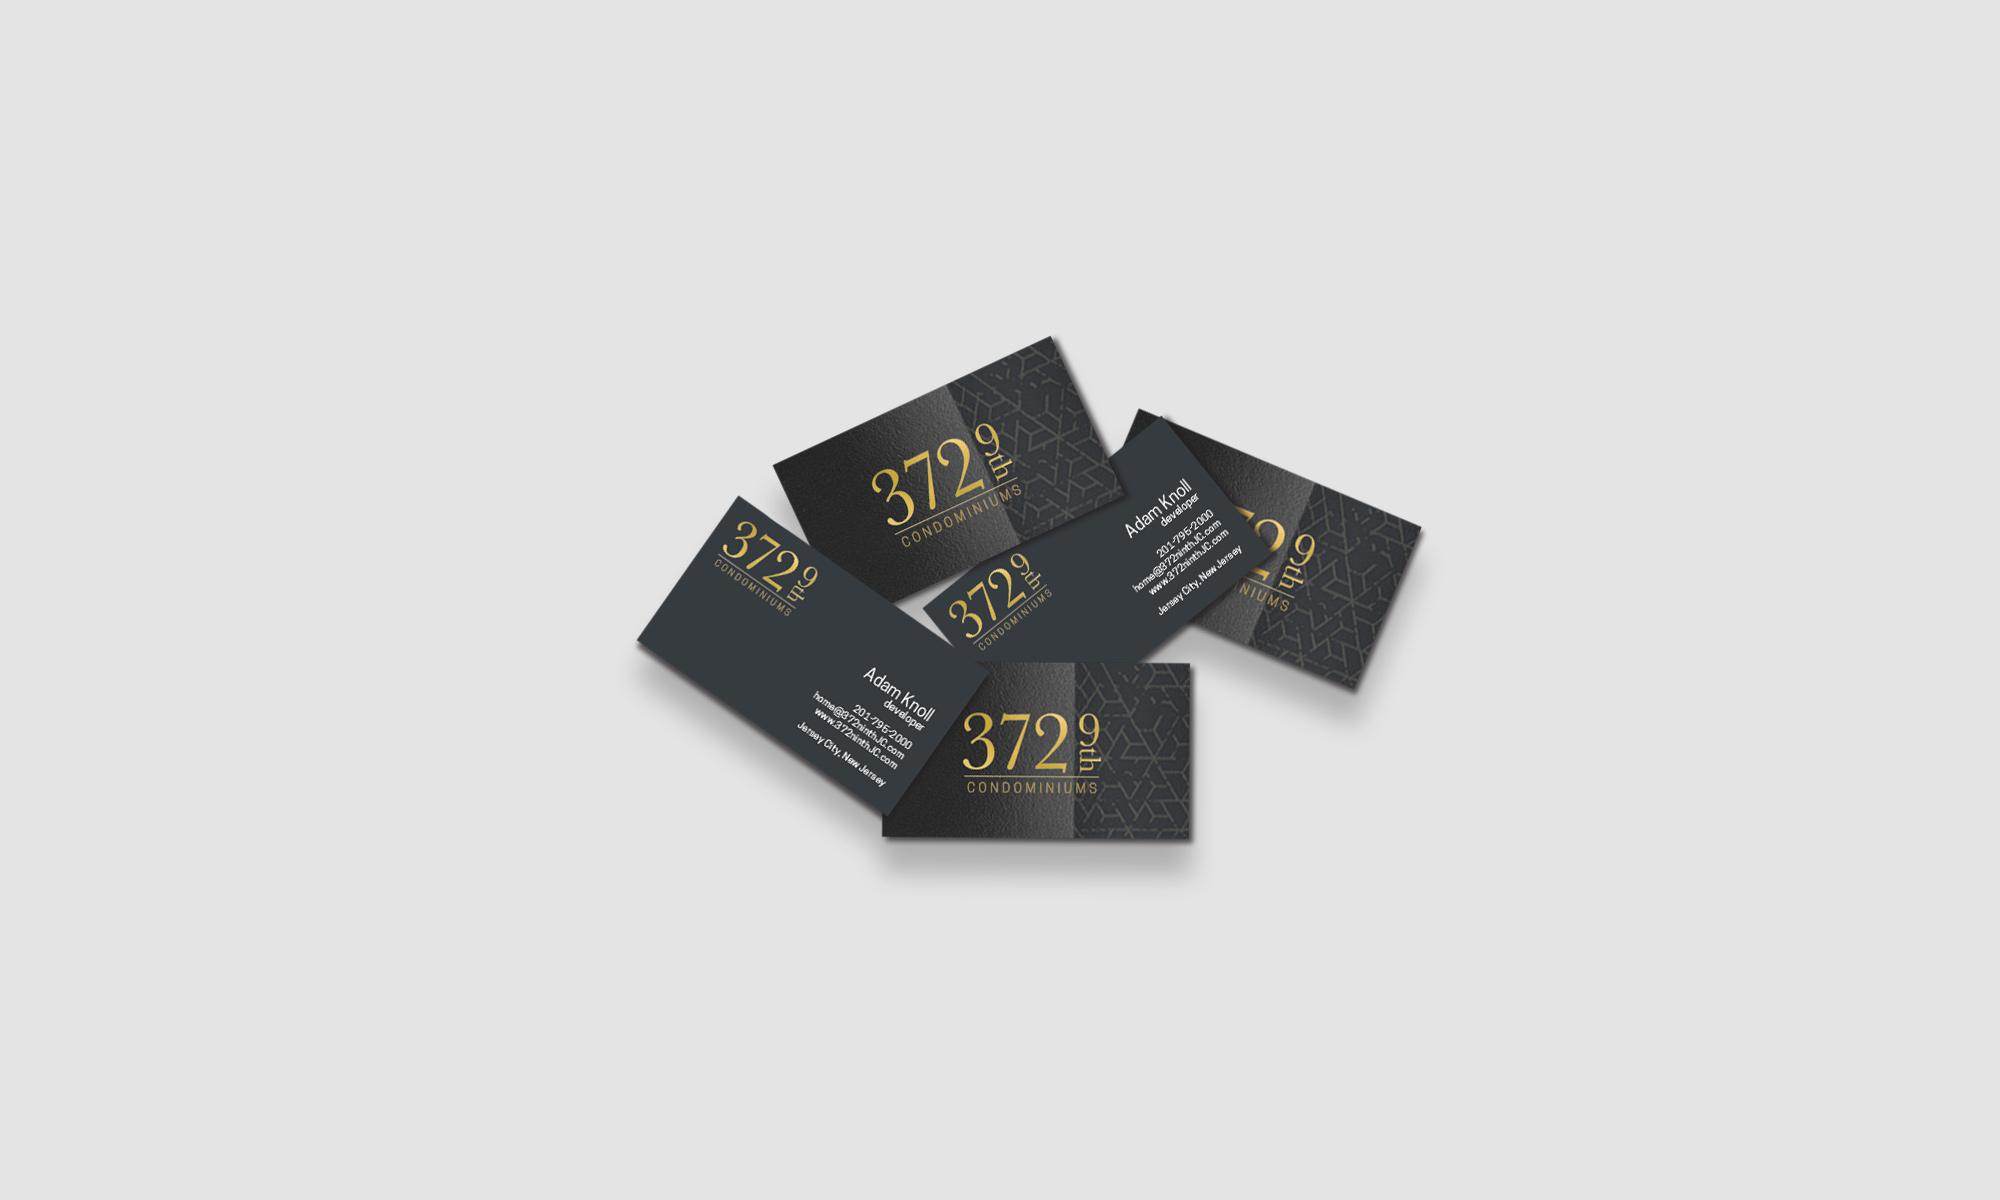 372 9th Condominiums